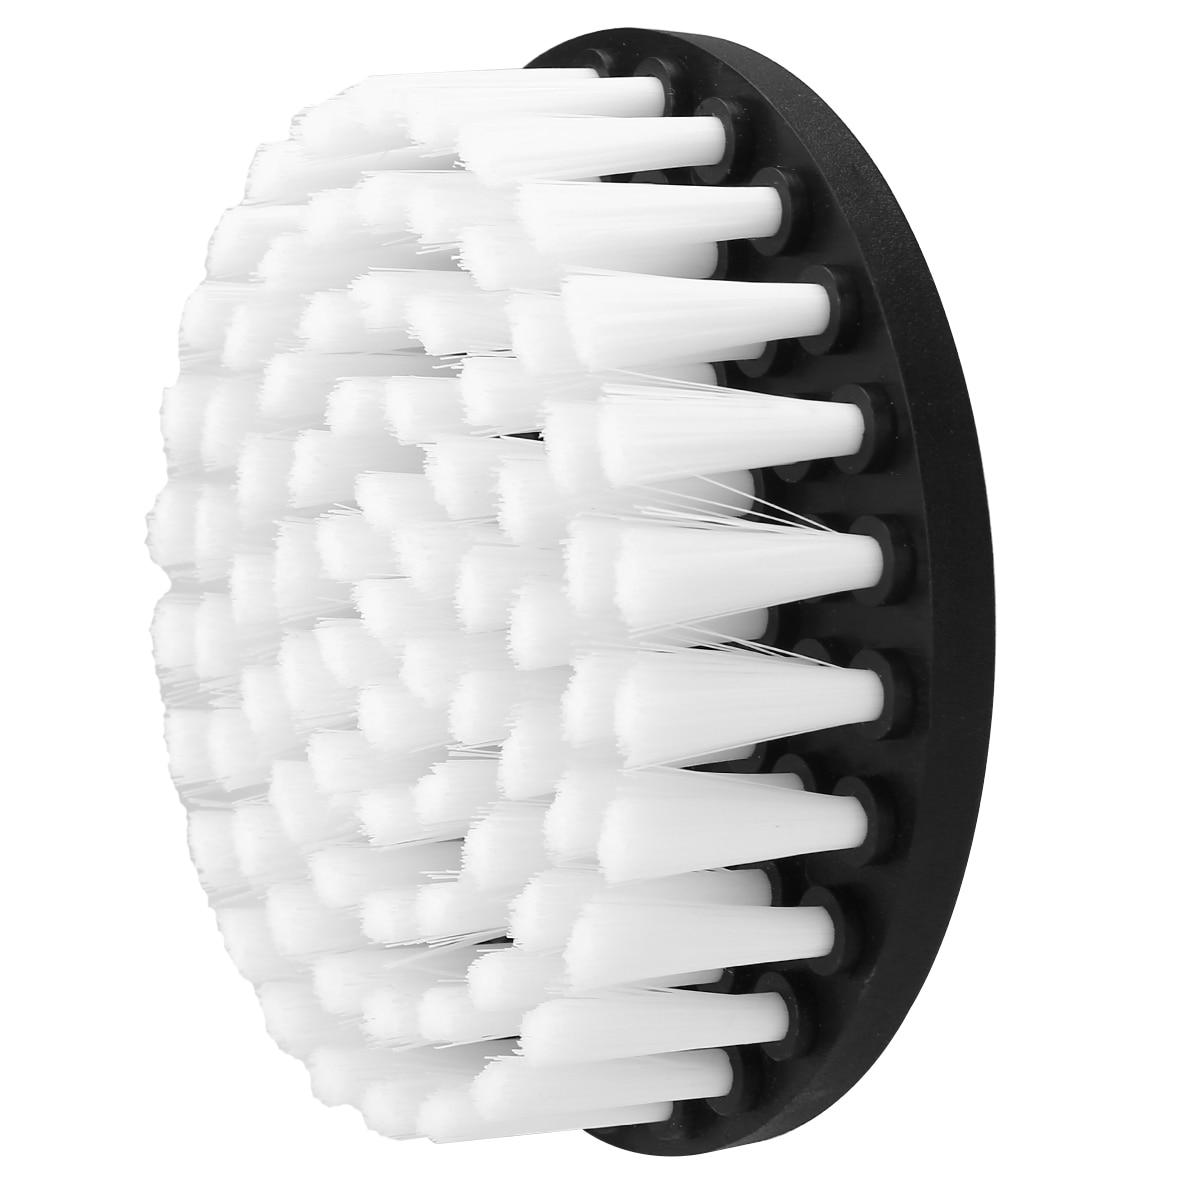 """רהיטים מכירה חמה 1pc 5"""" תרגיל מופעל מברשת הראש לניקוי רכב שטיח אמבט ספת עץ לבן בד רהיטים (4)"""